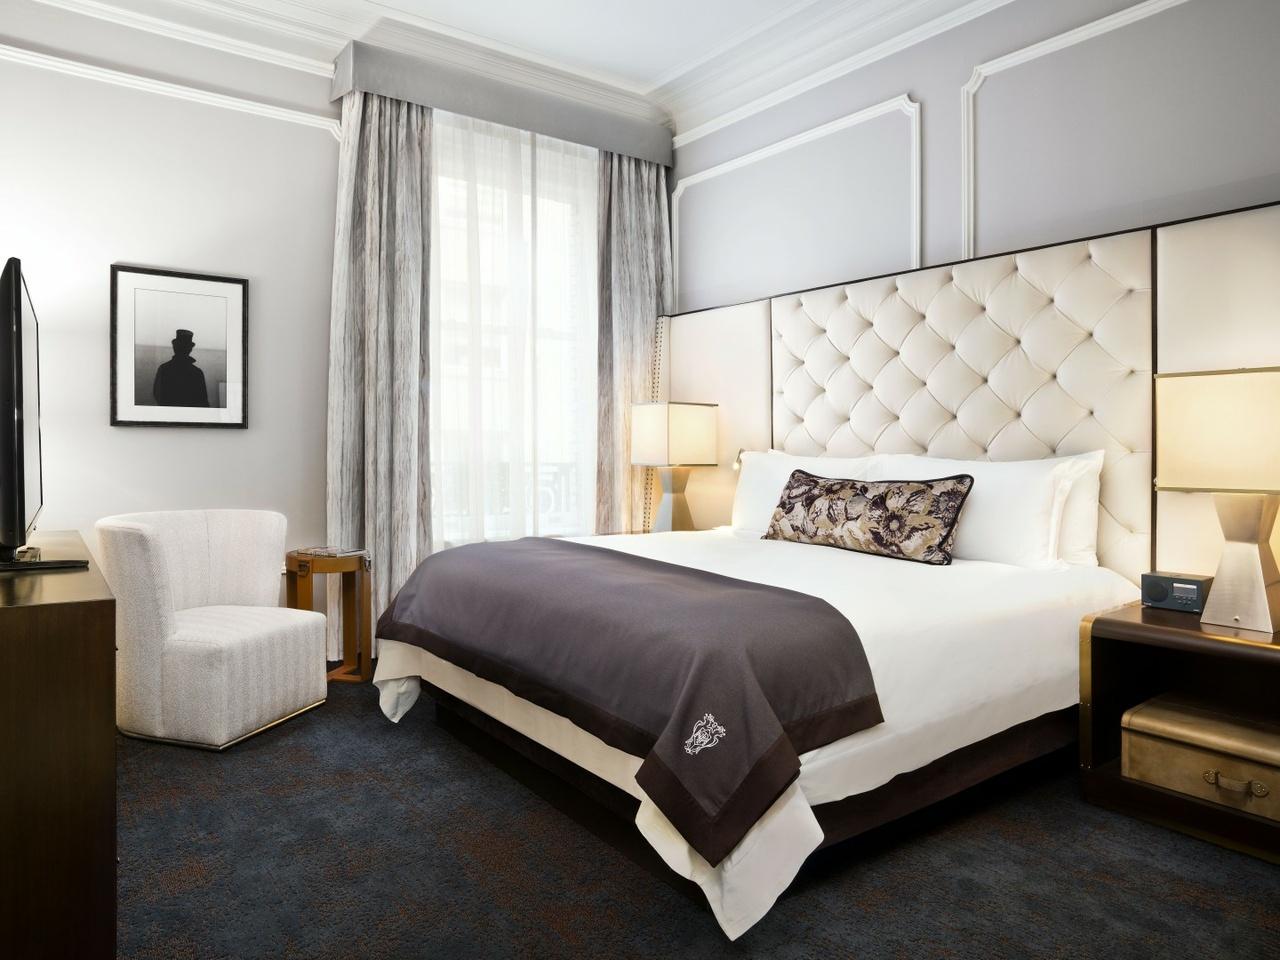 Doppelzimmer im Palace Hotel San Francisco